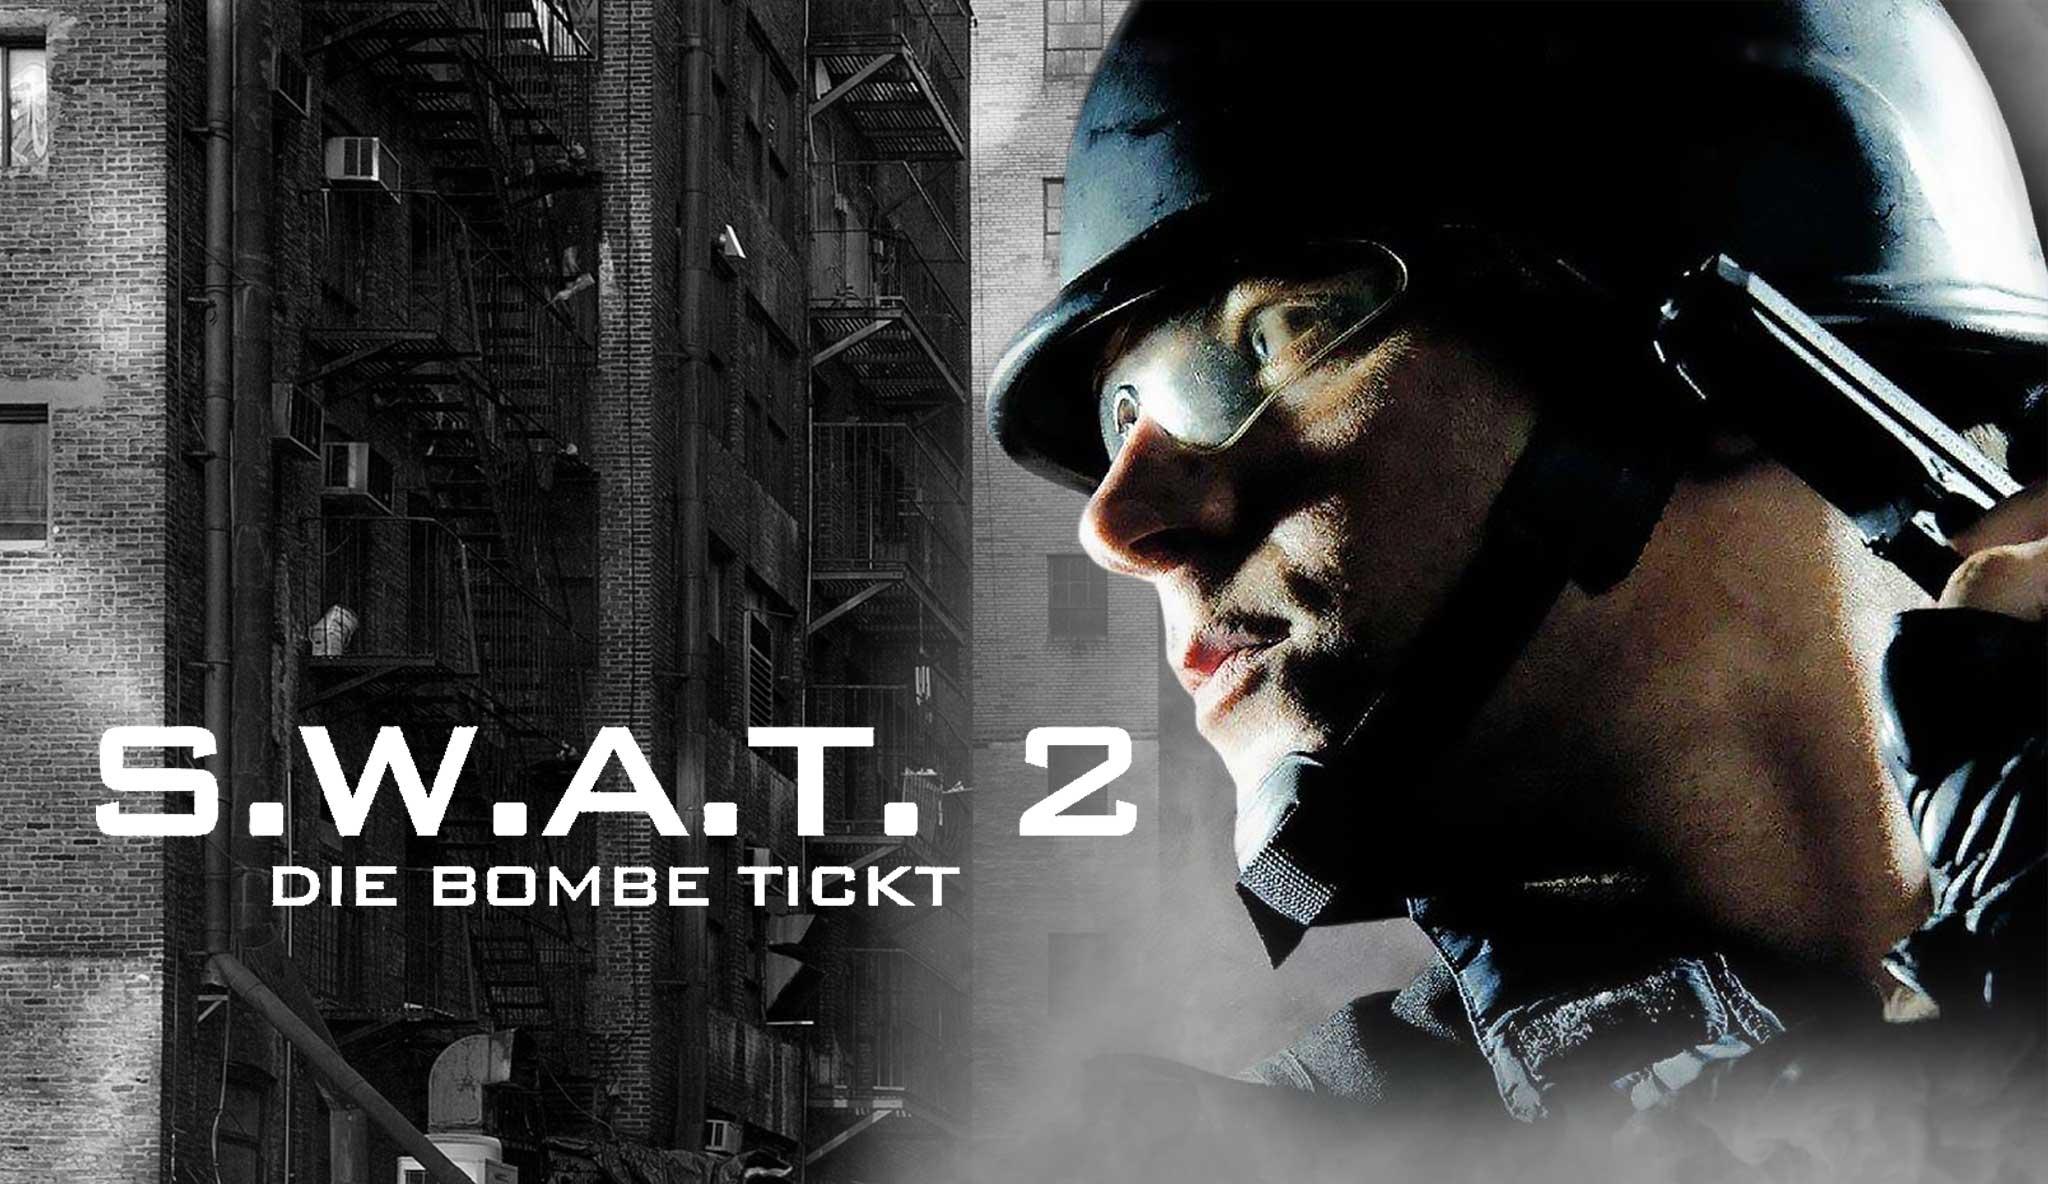 s-w-a-t-2-die-bombe-tickt\header.jpg